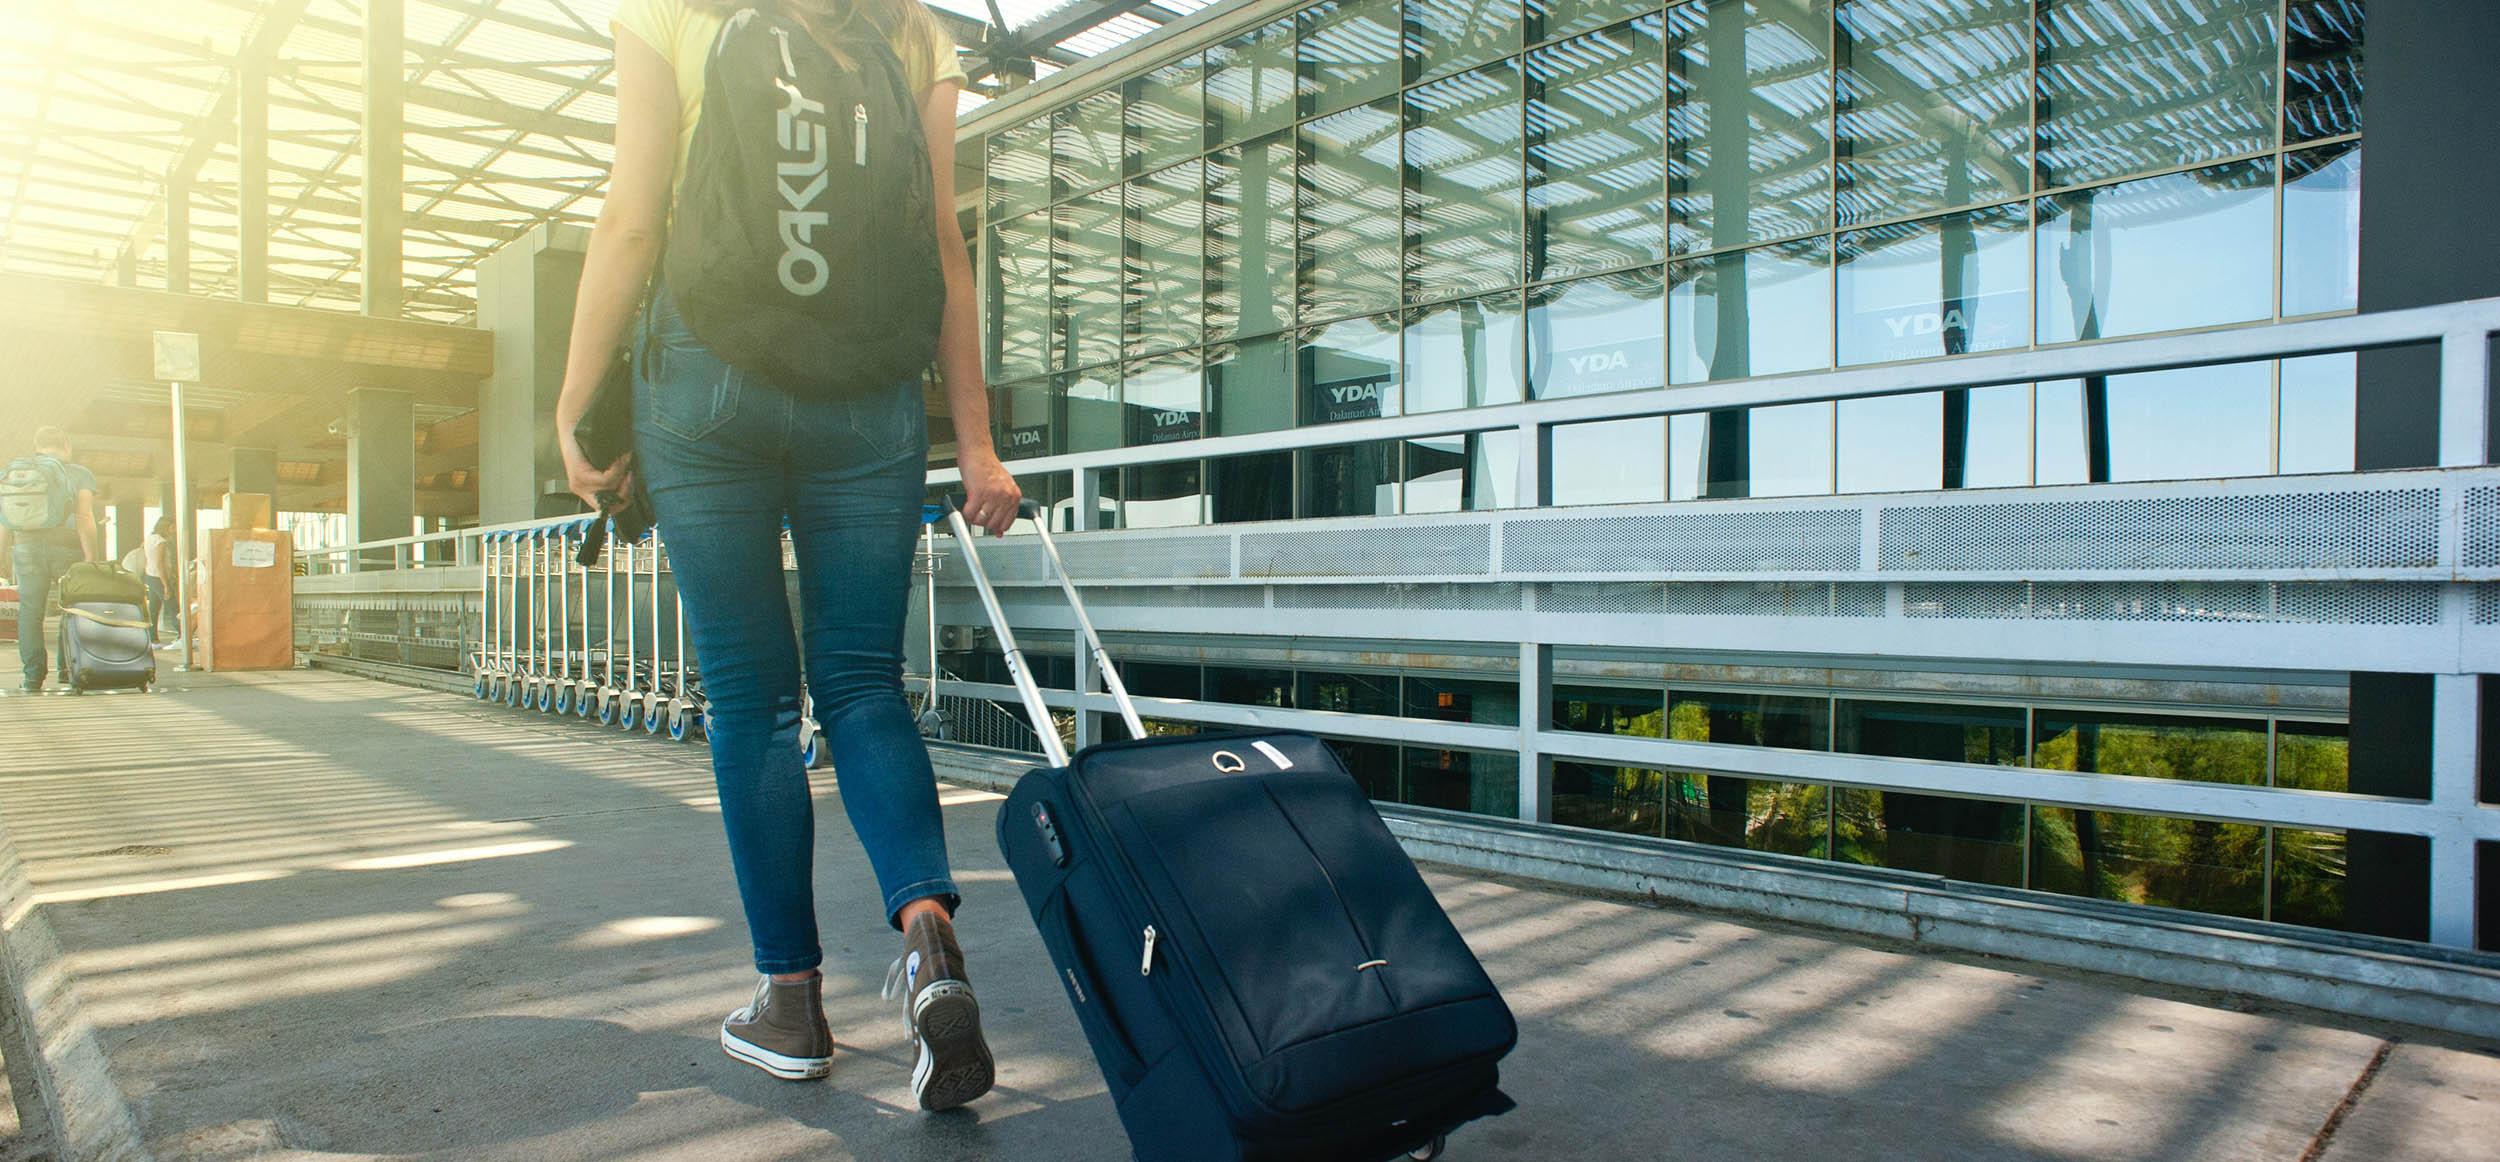 hand luggage ps 03 Reise Tipps Günstig vereisen aber wie?